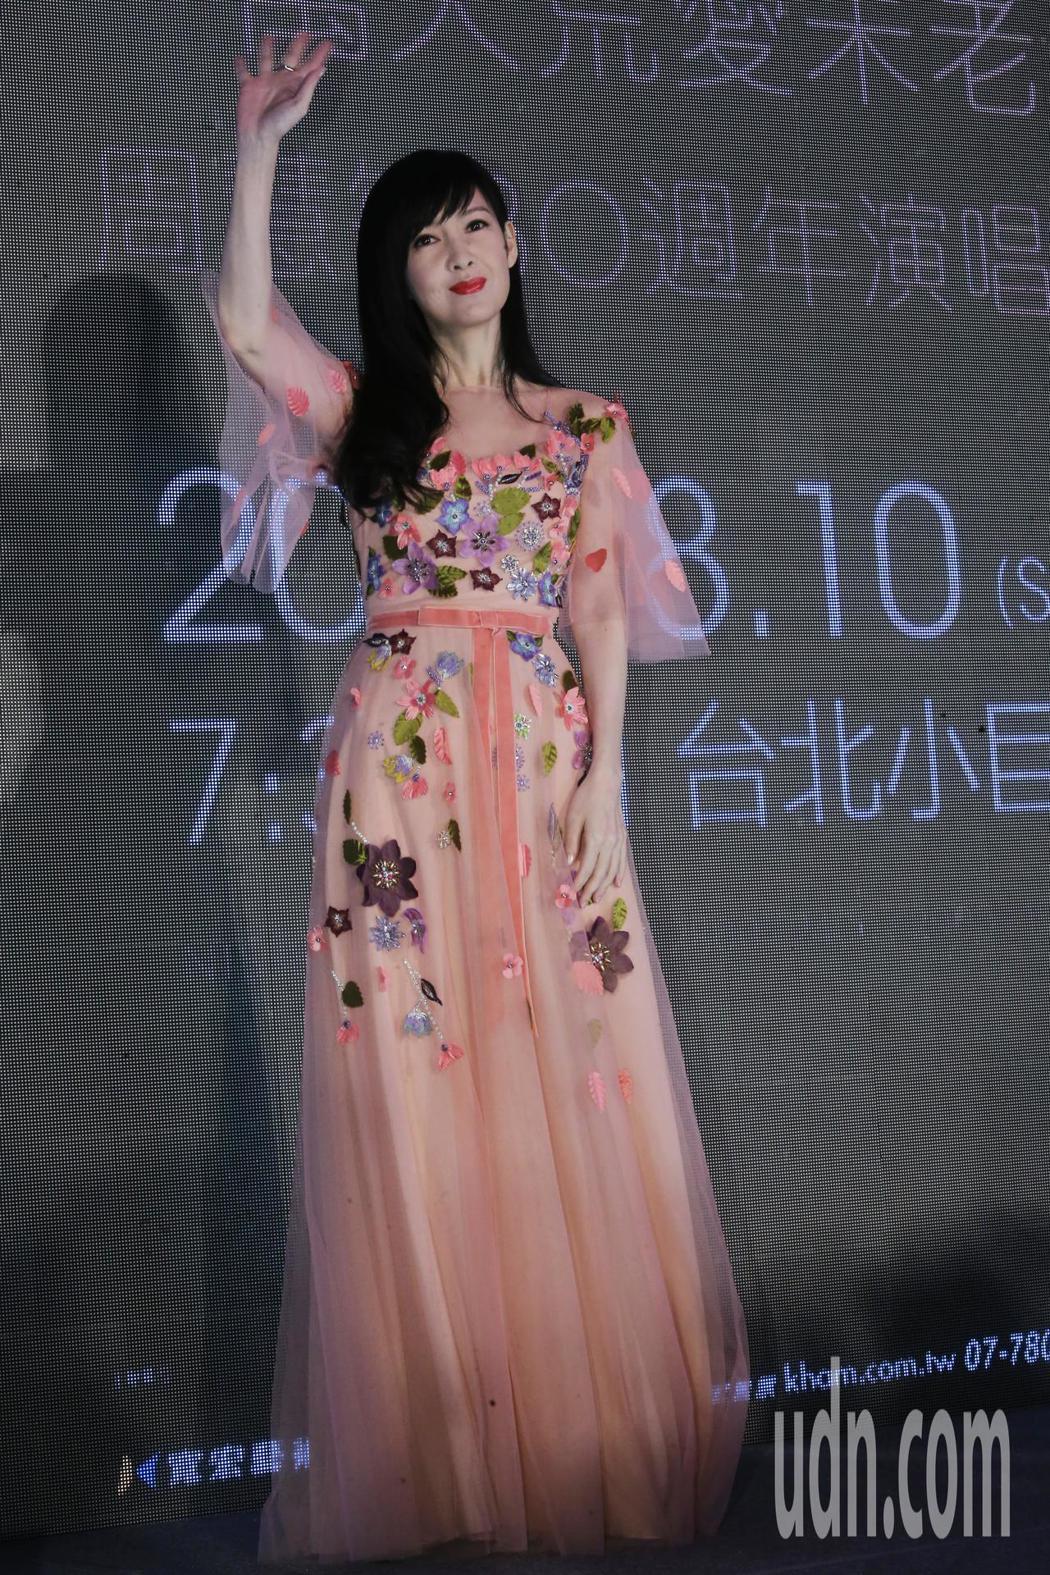 周慧敏今天以飄逸裙裝現身台北站演唱會記者會。記者徐兆玄/攝影